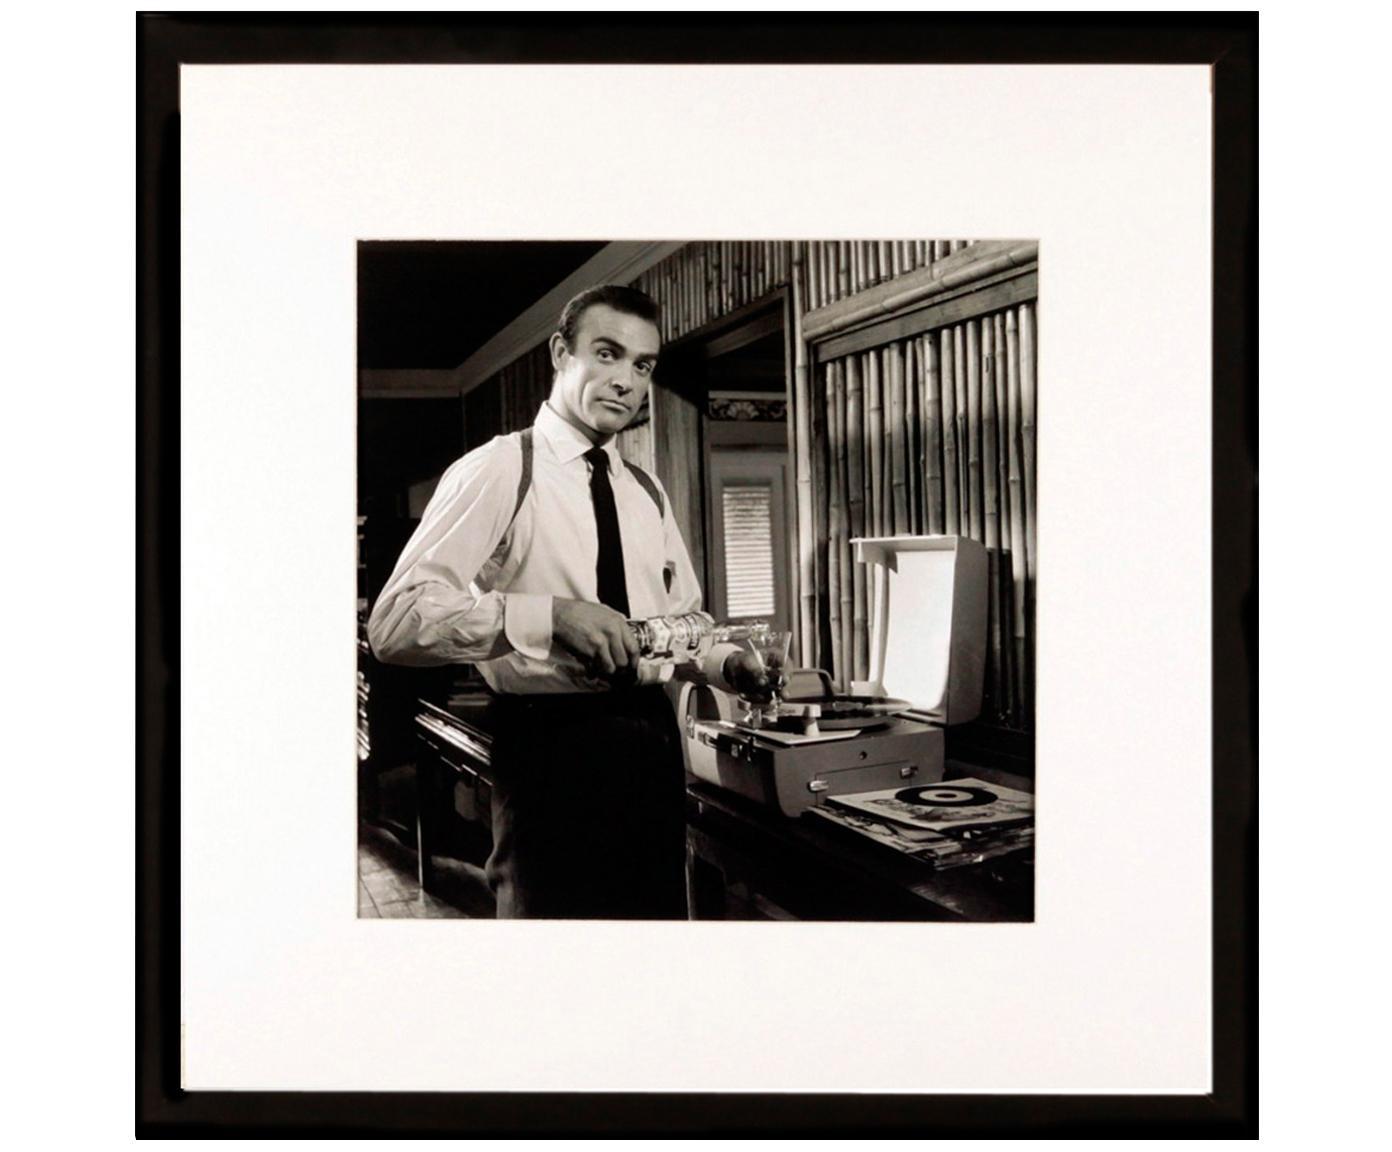 Gerahmter Digitaldruck Connery, Bild: Digitaldruck, Rahmen: Kunststoff, Front: Glas, Bild: Schwarz, Weiß<br>Rahmen: Schwarz, 40 x 40 cm